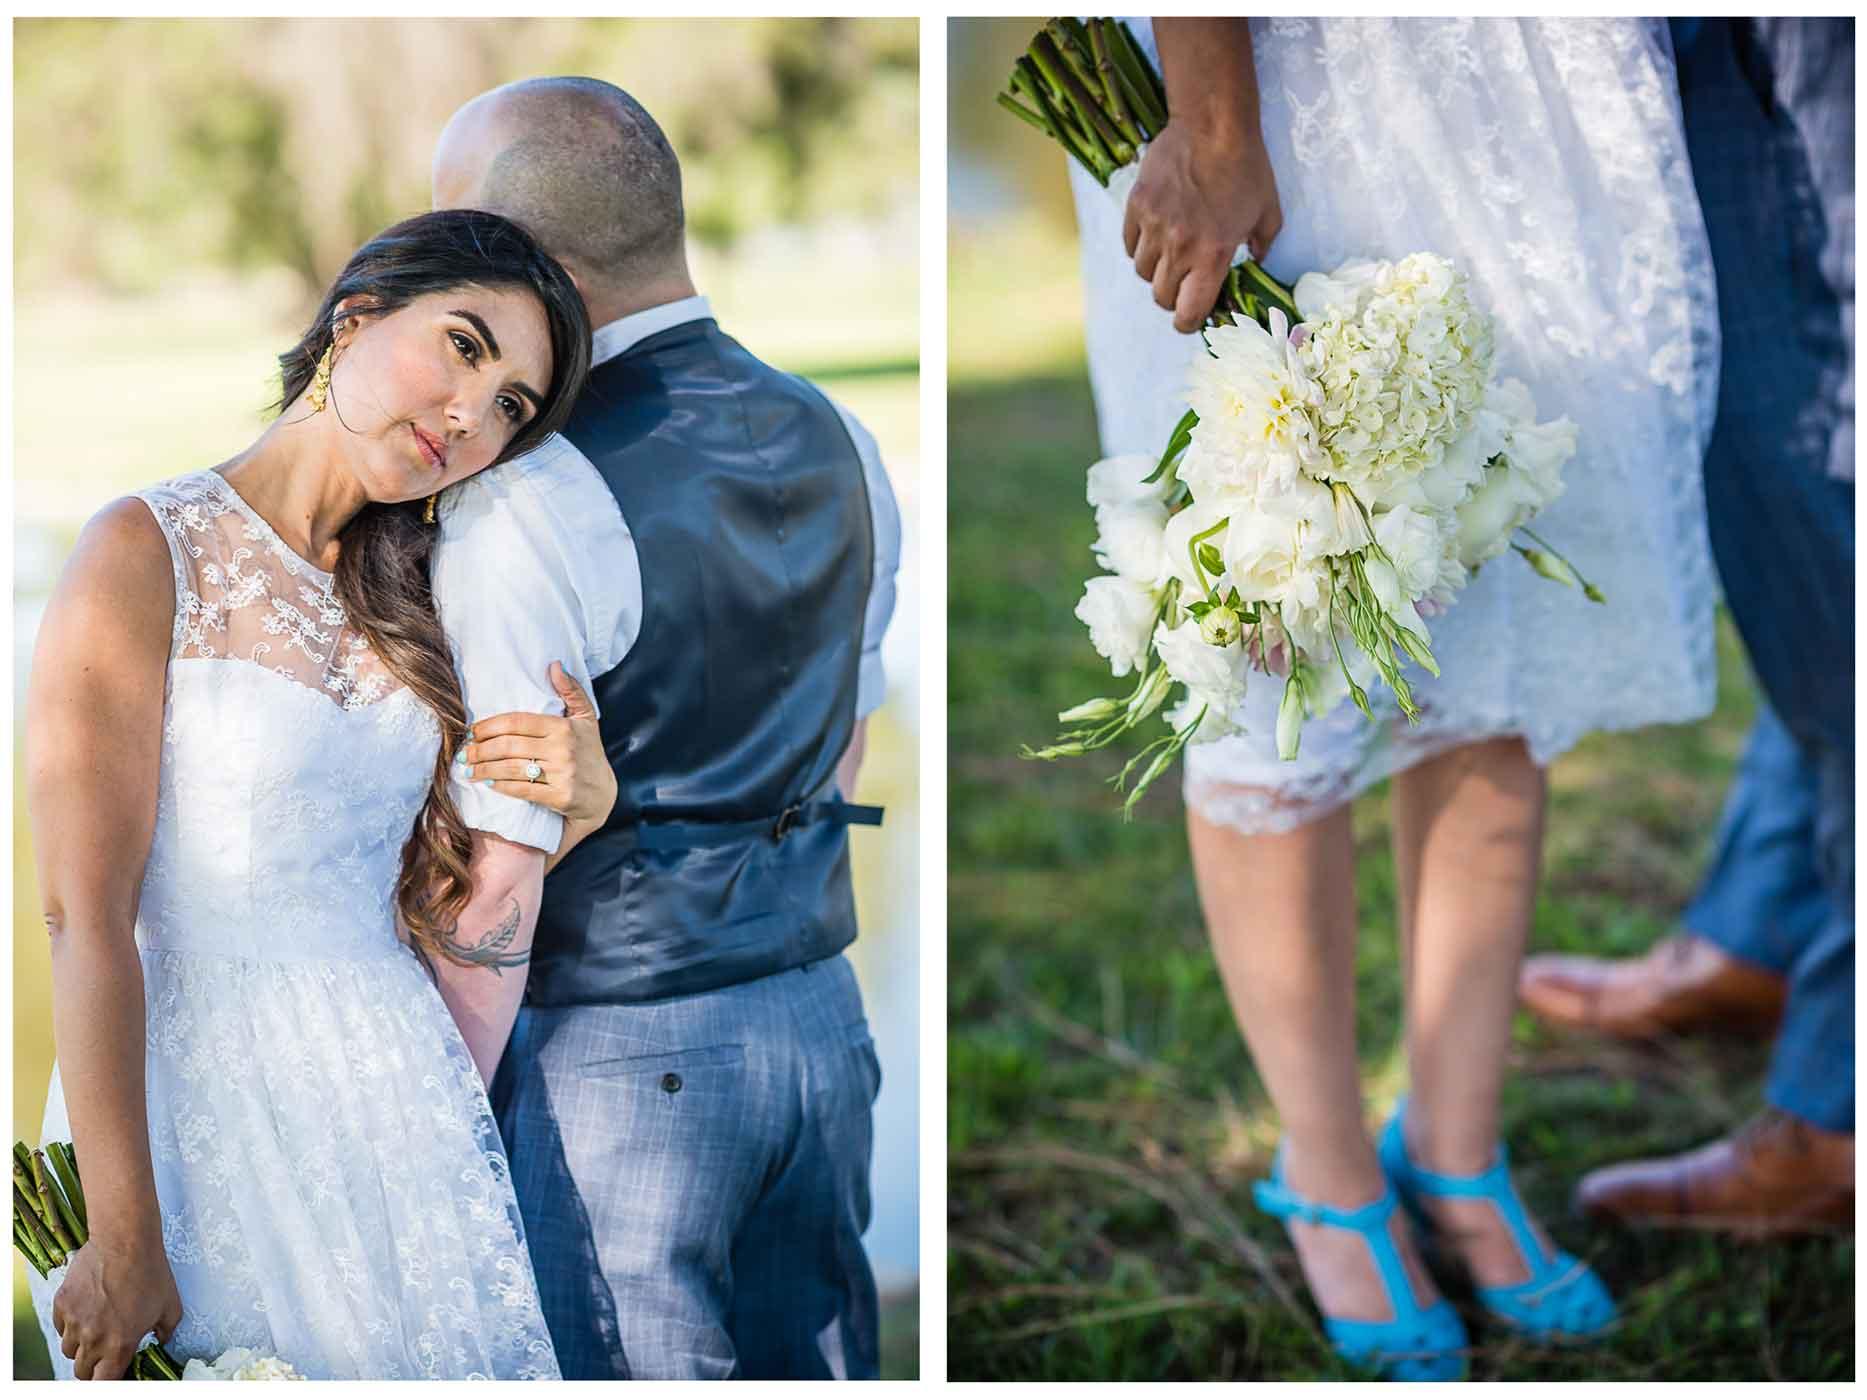 smlNahal-+-Joe-Wedding---Aug-2015-56.jpg